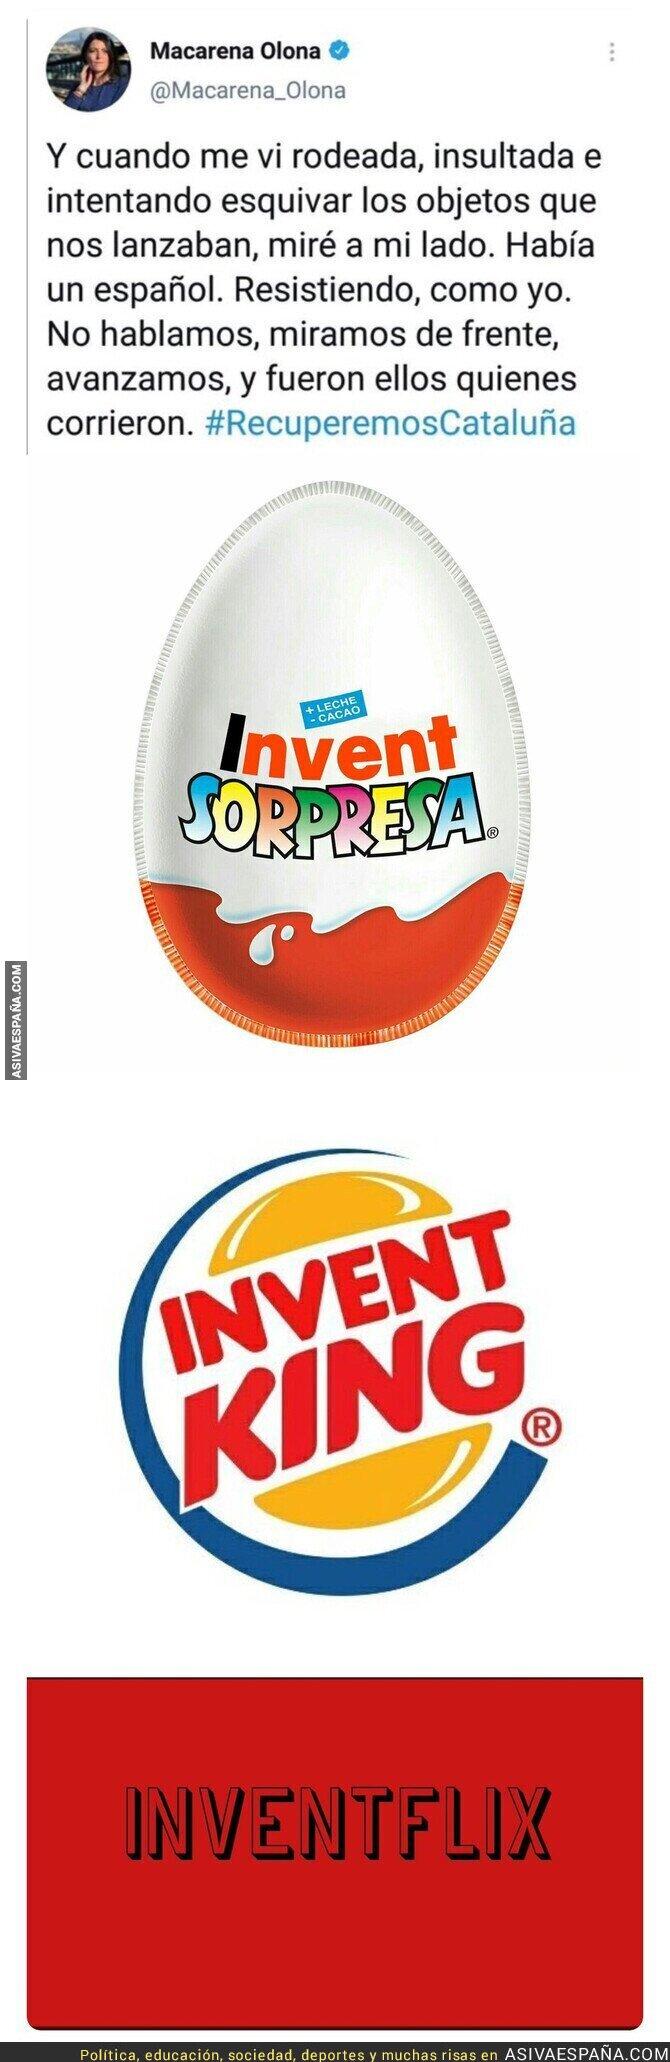 590394 - El buen invent de Macarena Olona